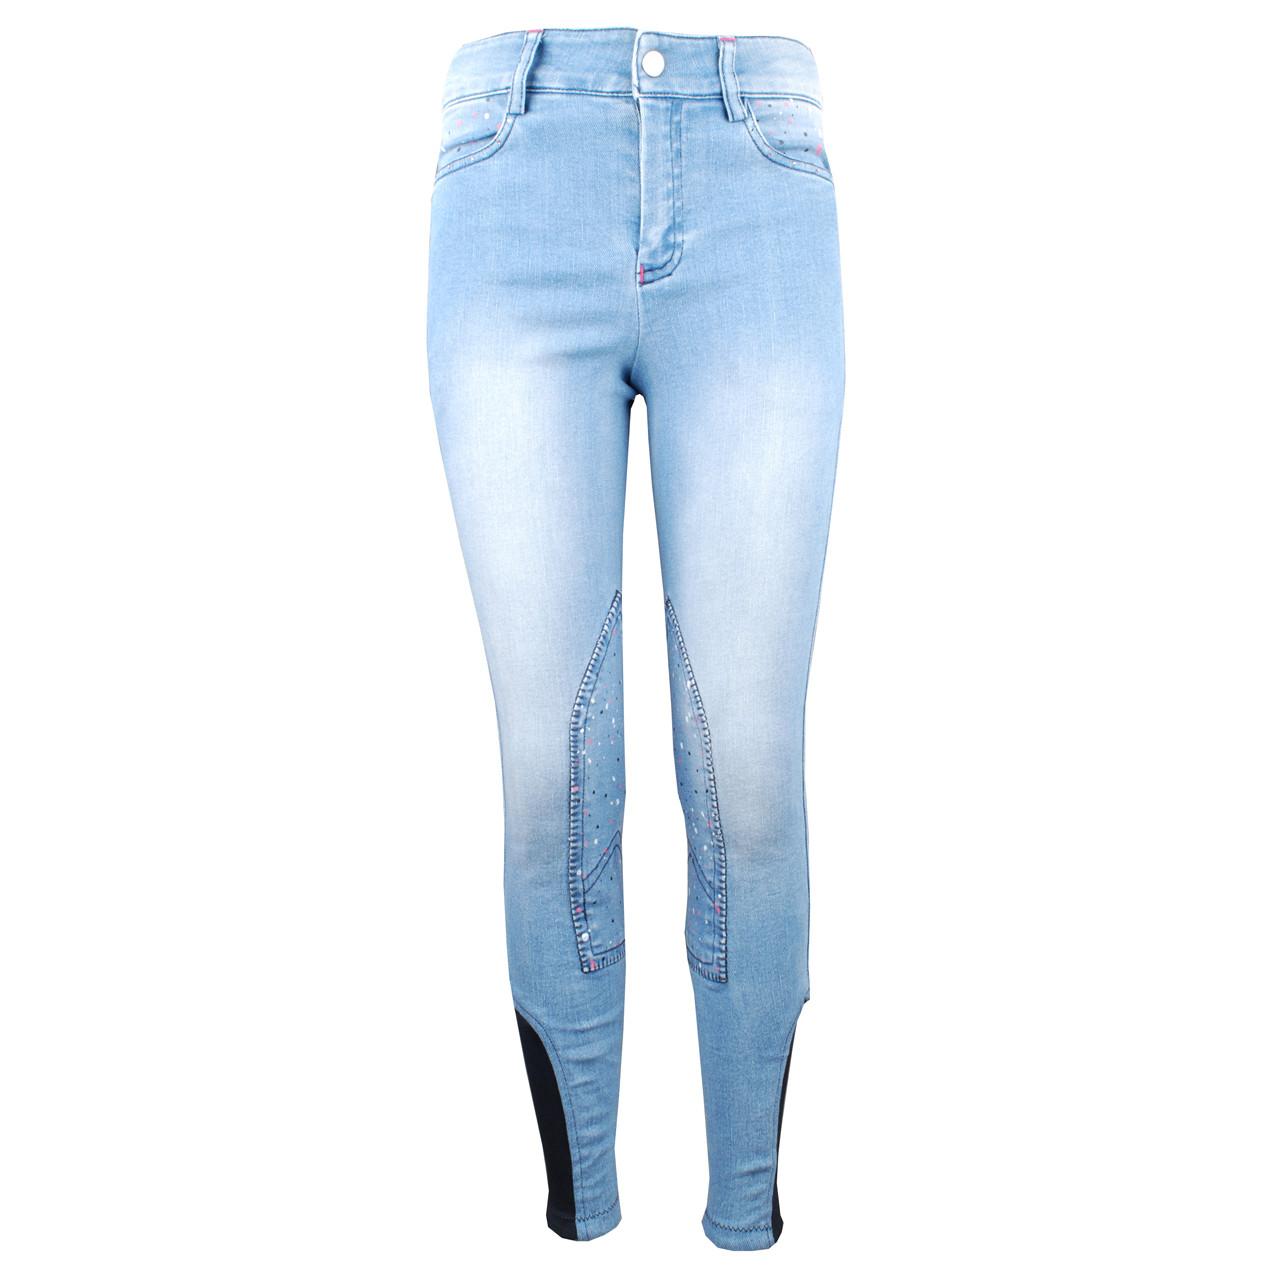 Mondoni Skills jr rijbroek jeans maat:152